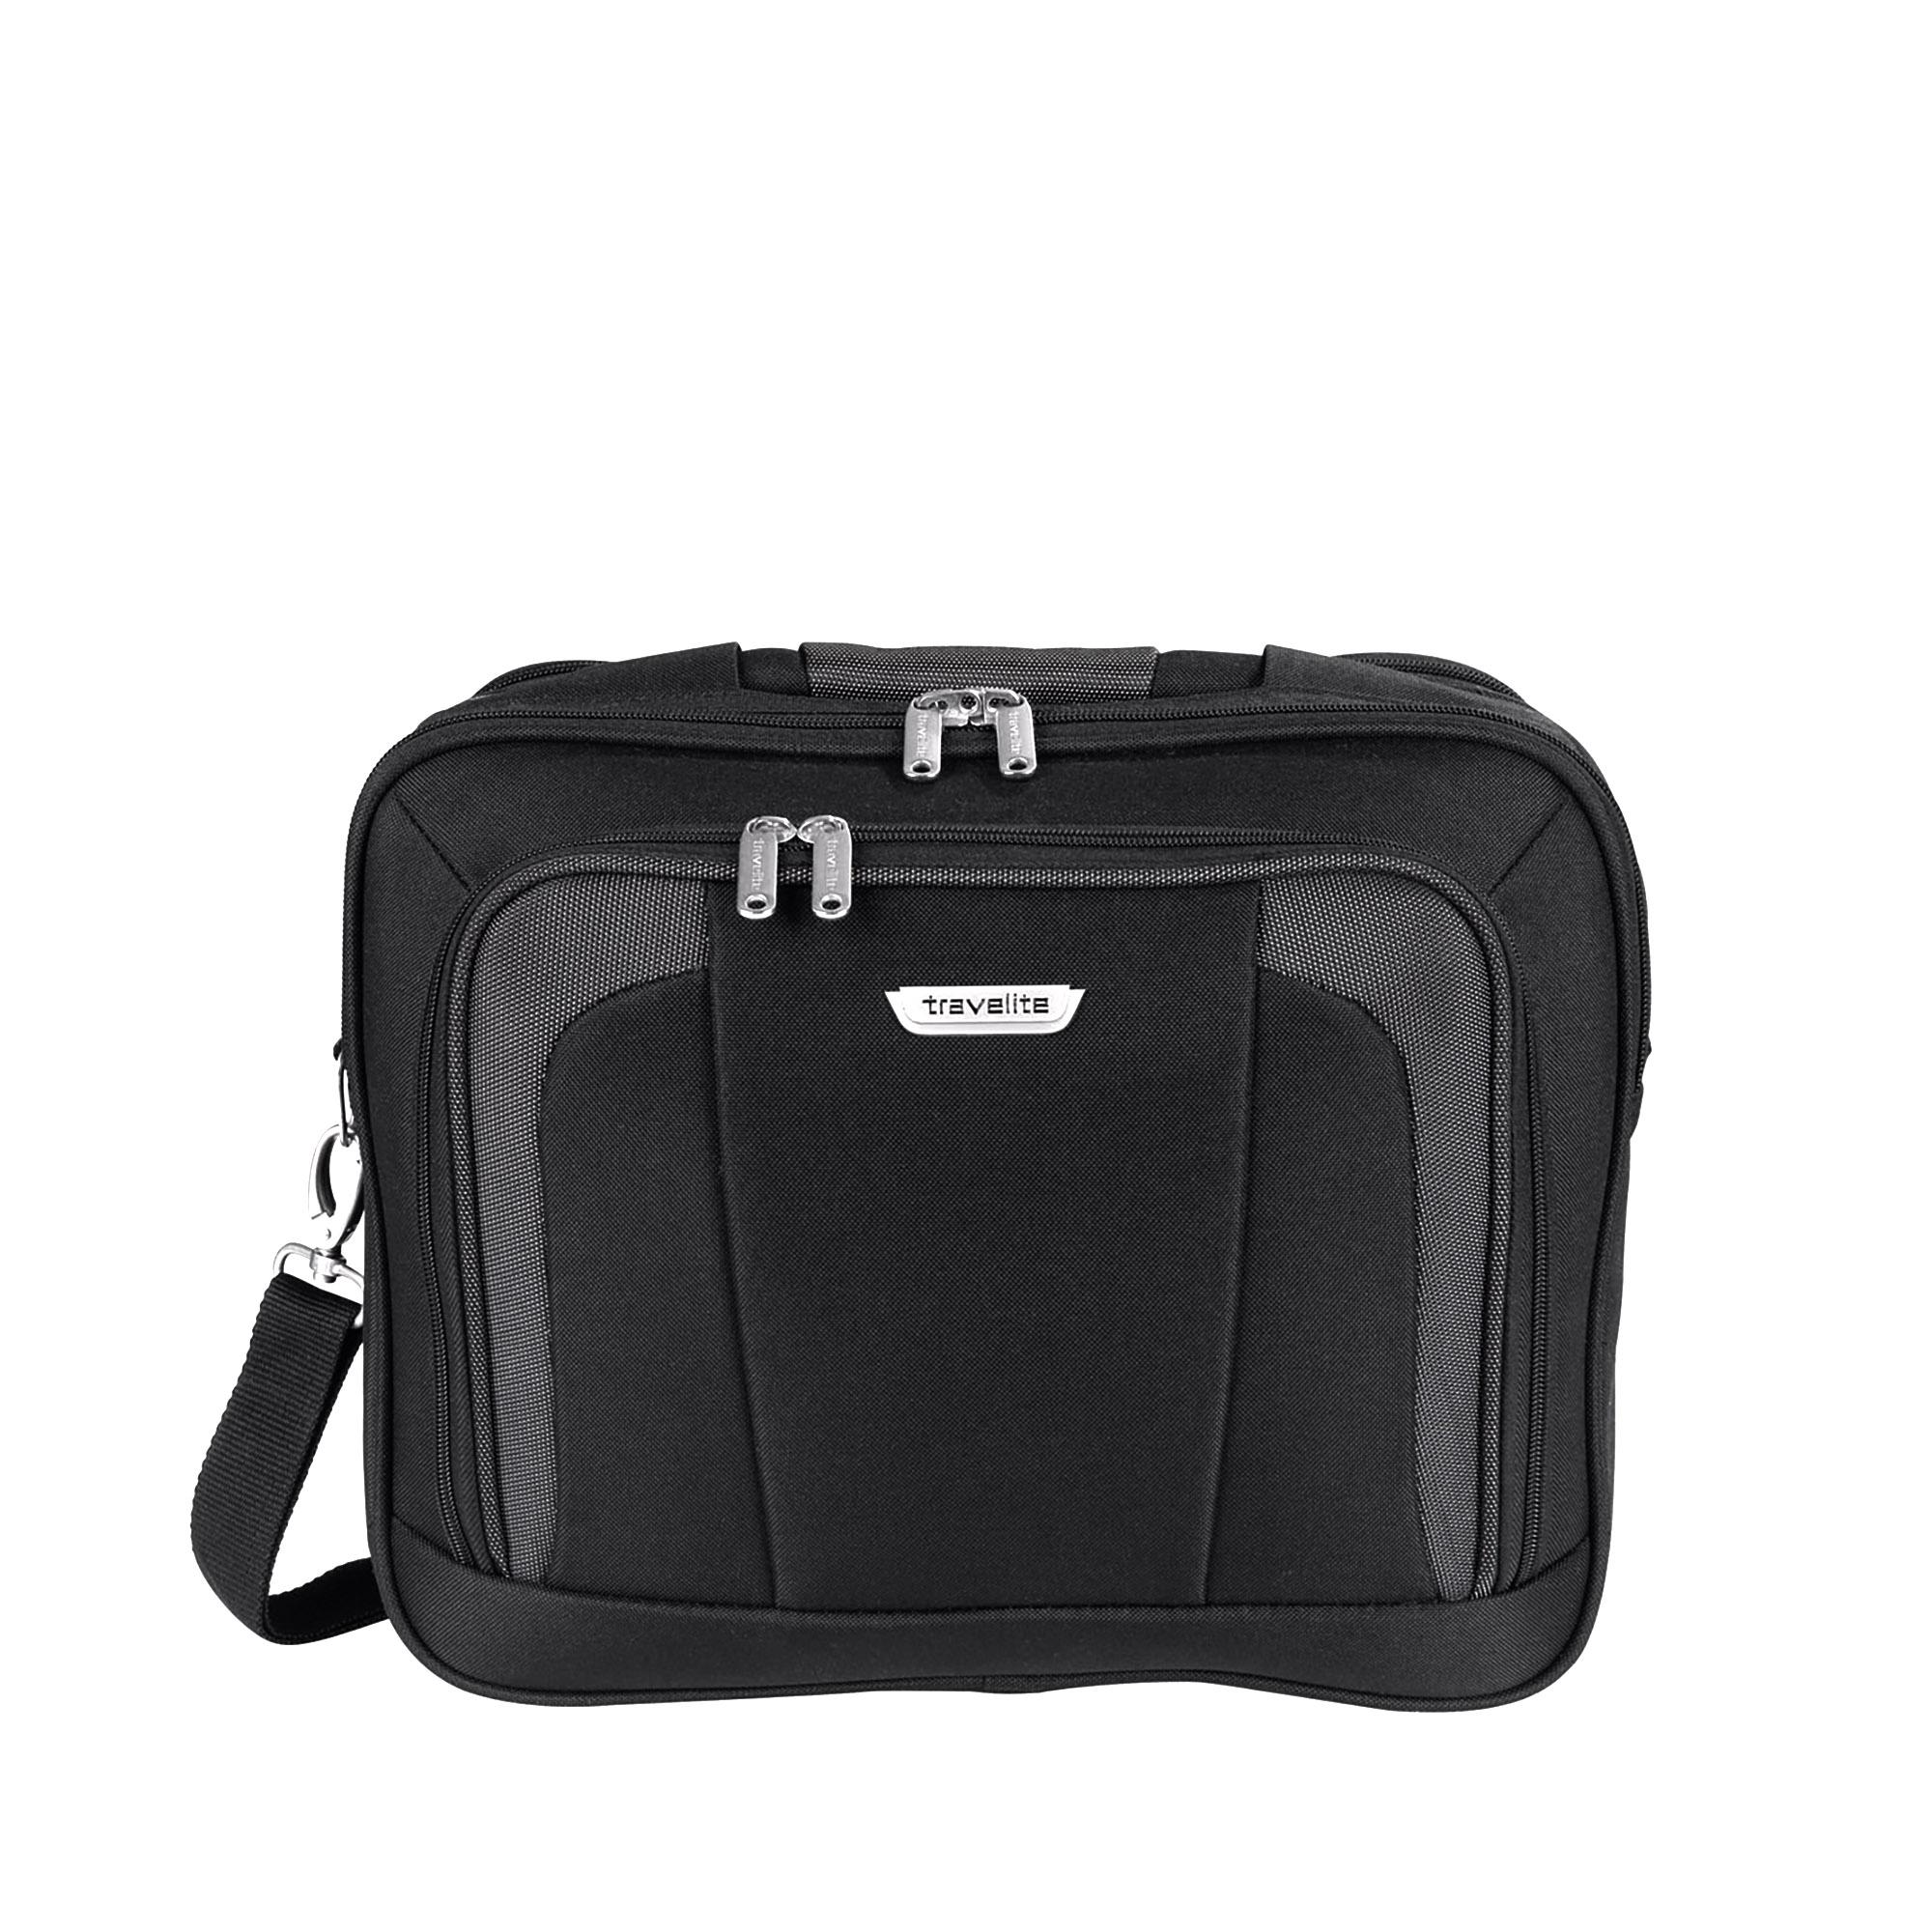 Travelite Orlando Fekete Kézipoggyász - WIZZ AIR INGYENES KÉZIPOGGYÁSZ  (40x30x20 cm) - Táska webáruház - Minőségi táskák mindenkinek 29ef4840f3